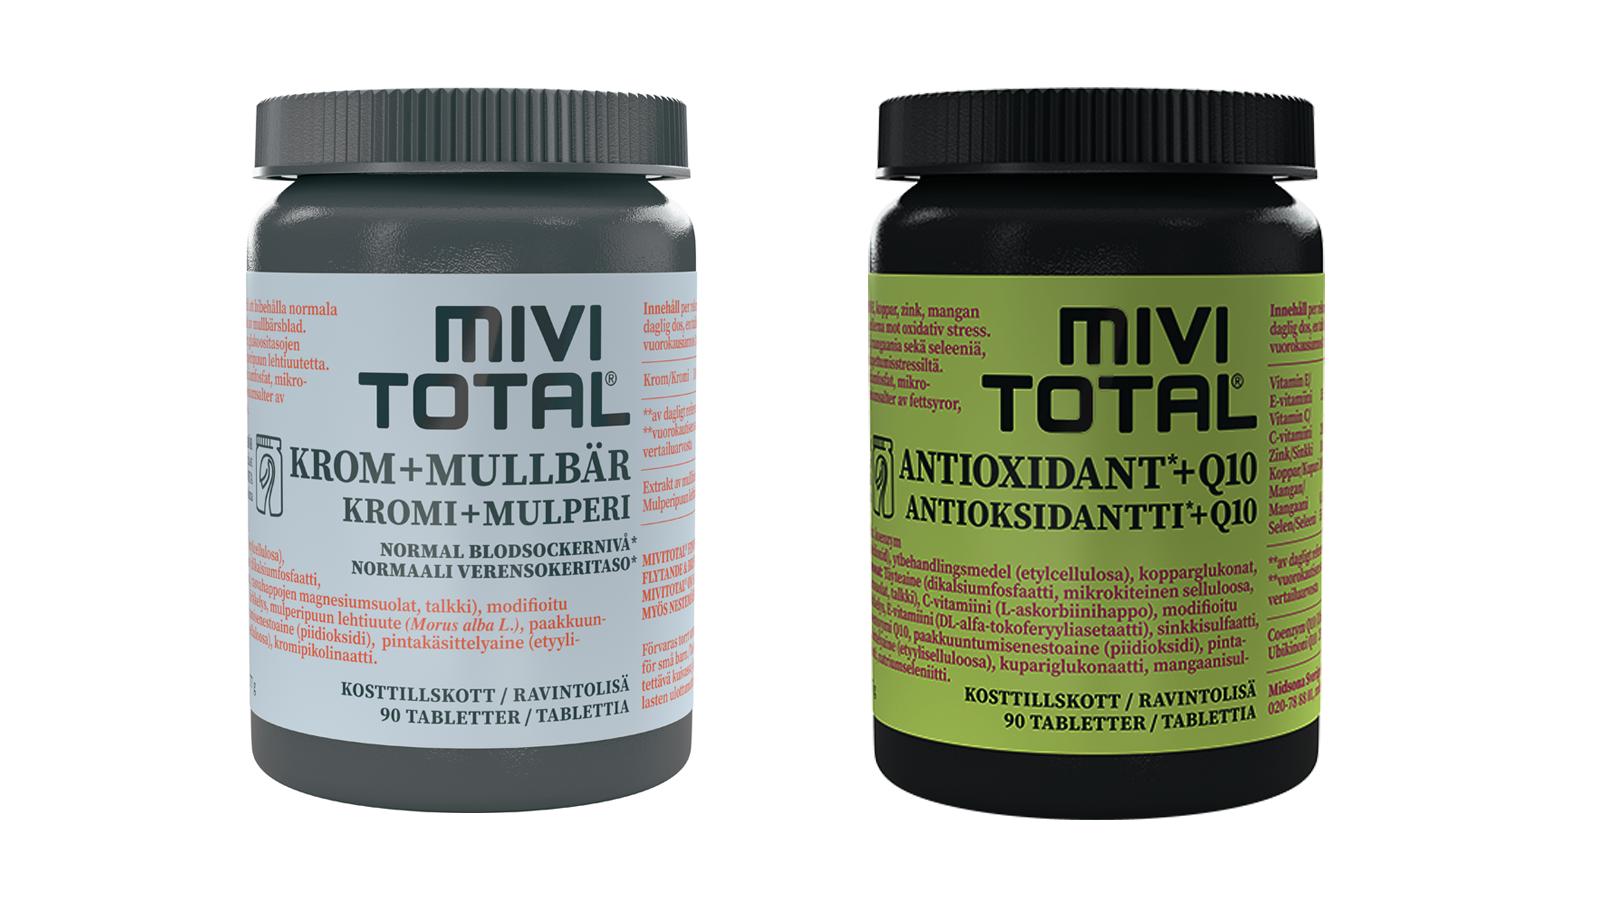 Balanserad blodsockernivå och skydd mot oxidativ stress med Mivitotals nya kosttillskott